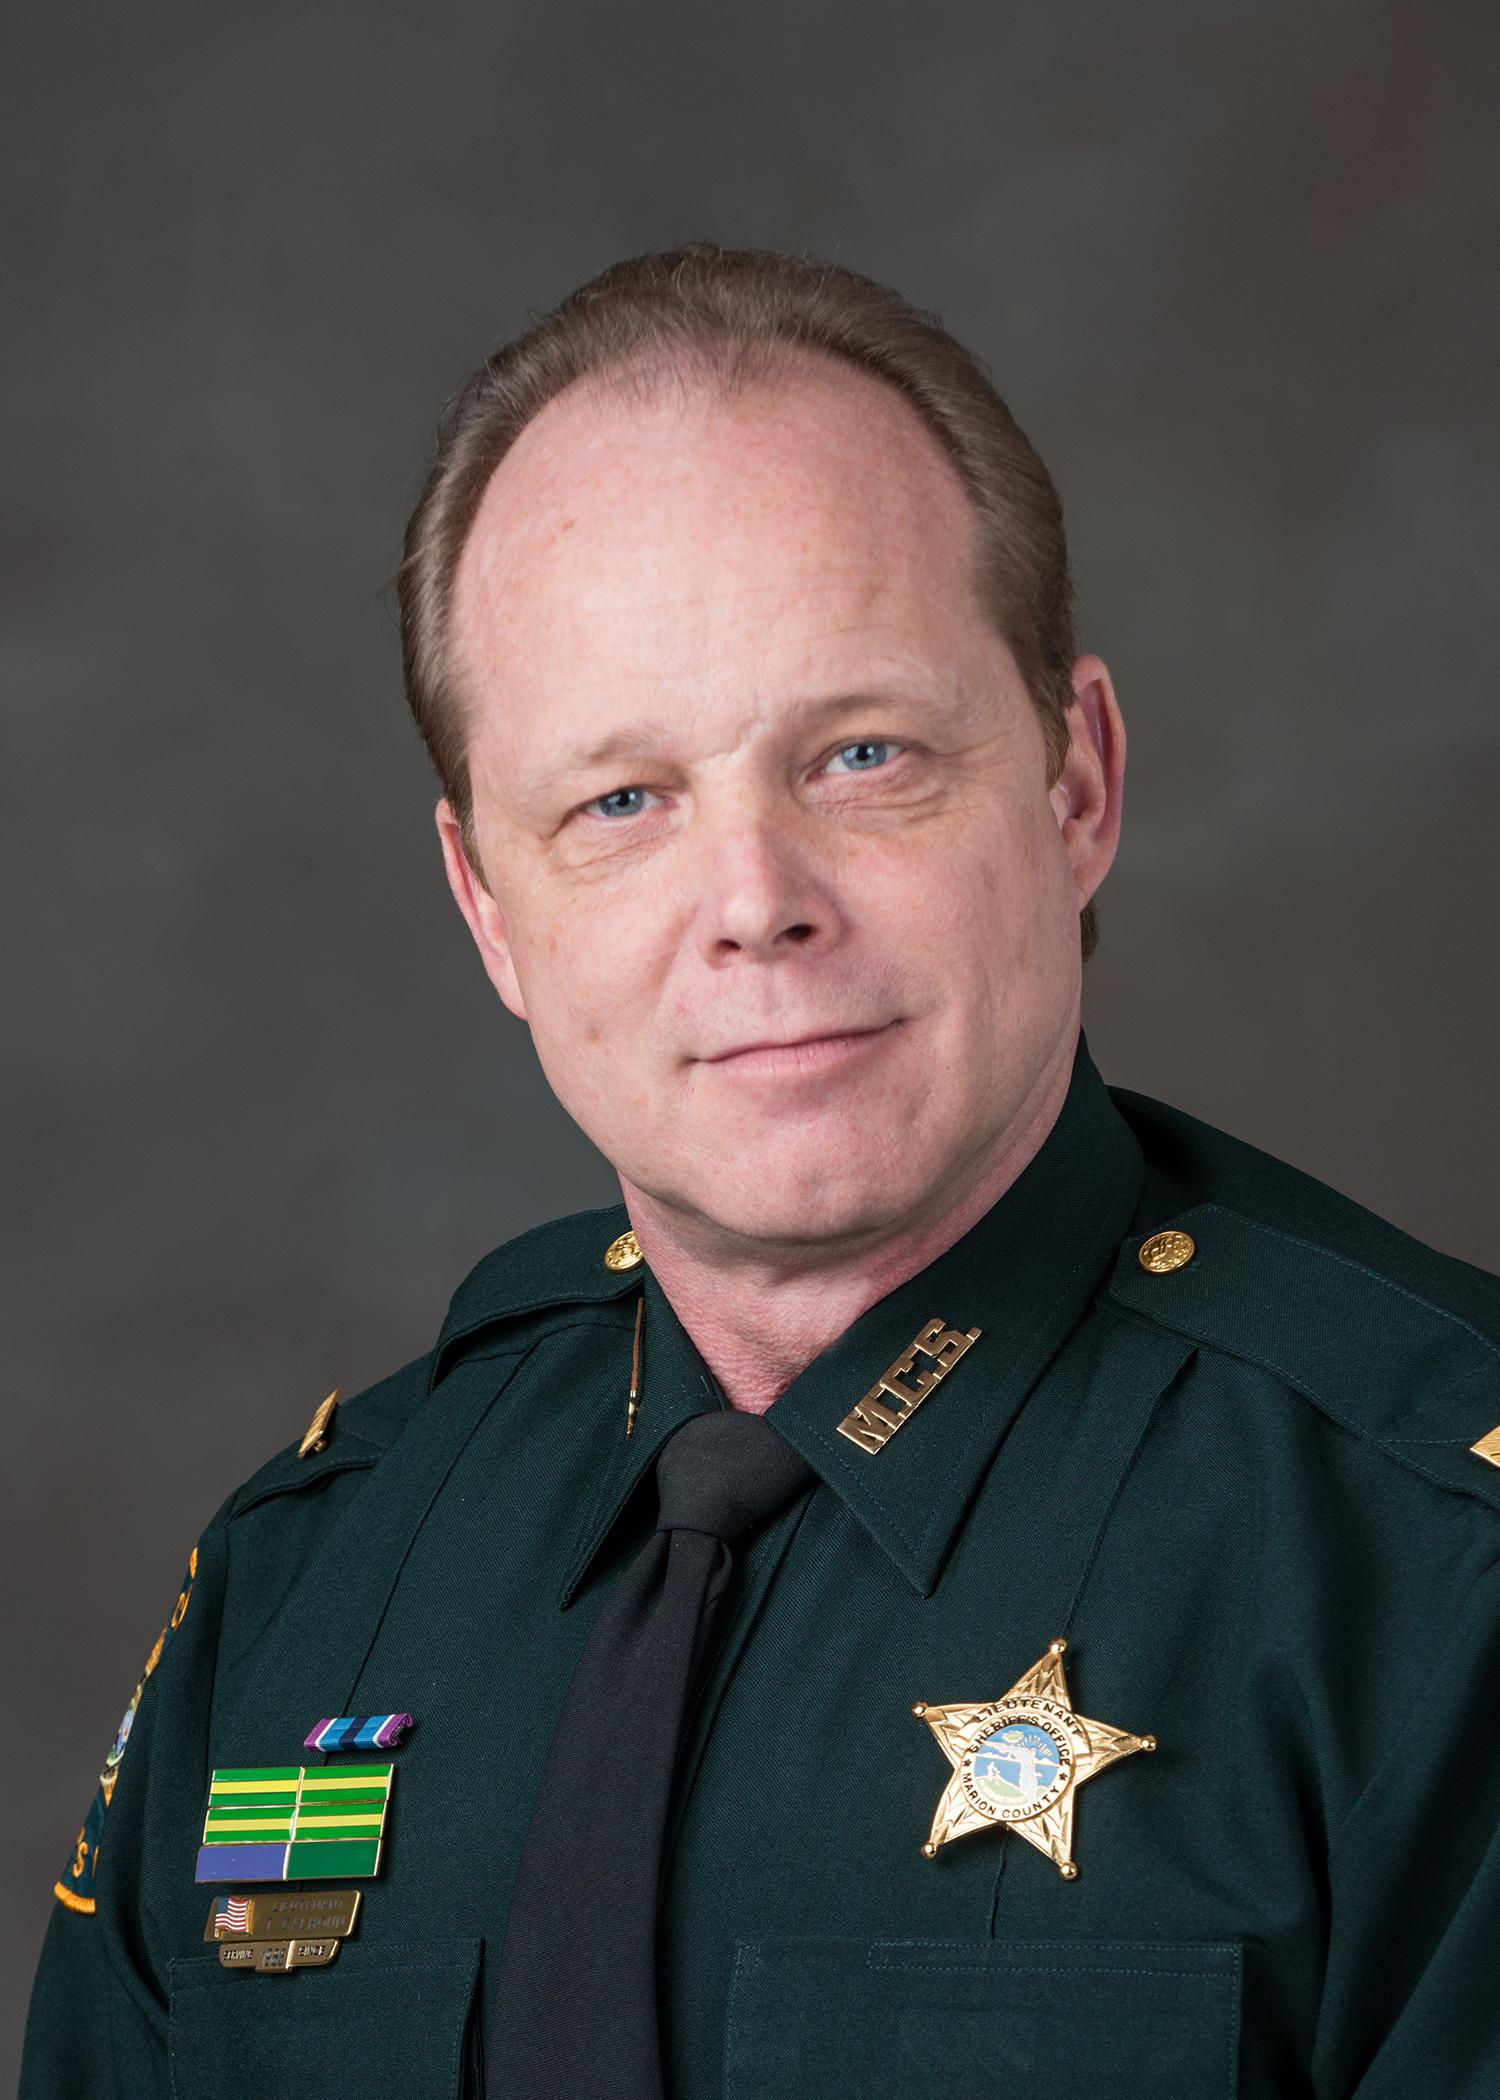 Lieutenant Tom Calhoun   Forensics Unit Commander   tcalhoun@marionso.com